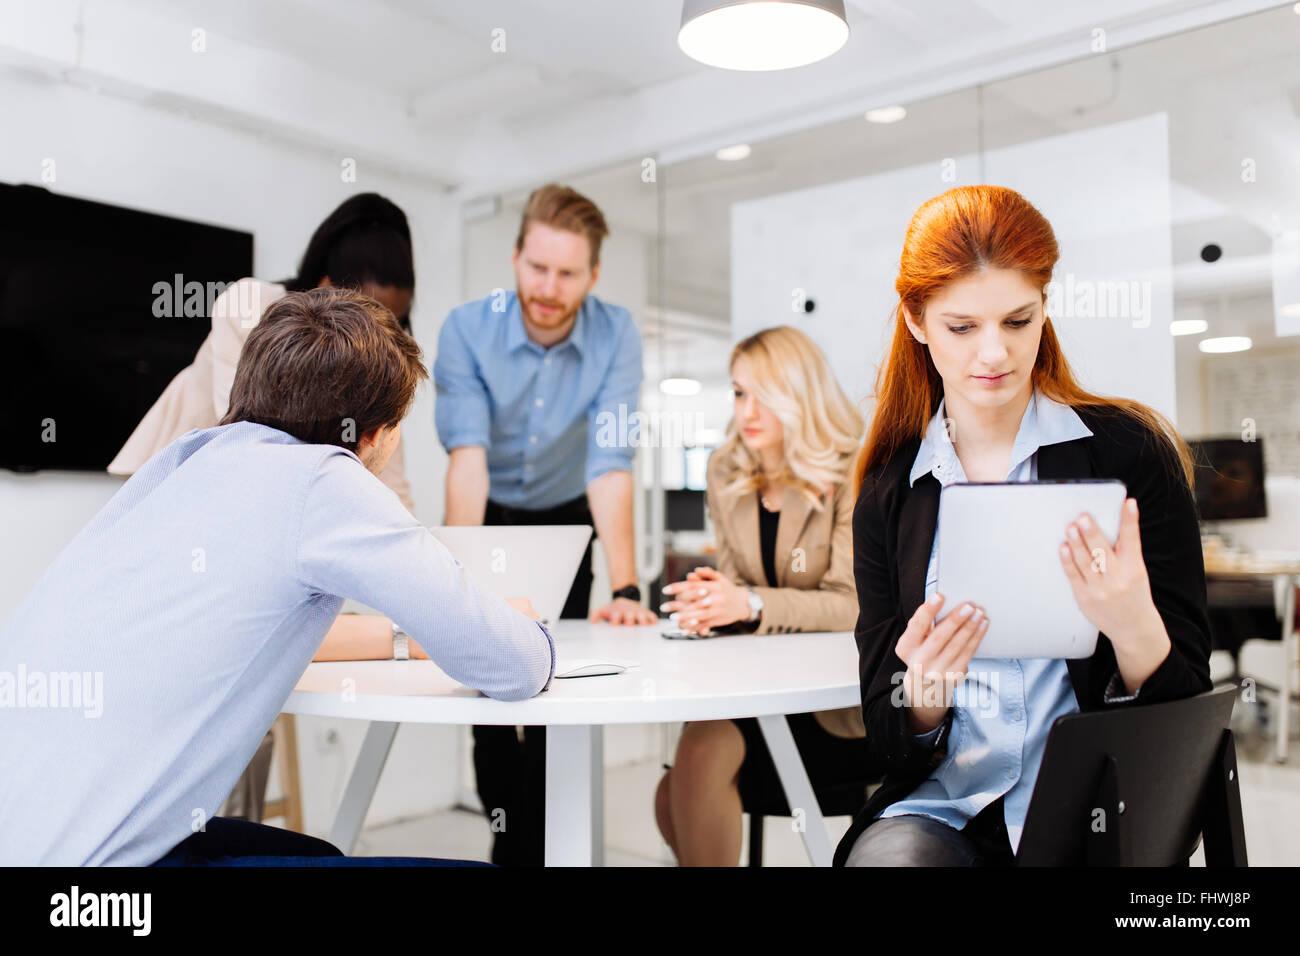 Colleghi di lavoro seduto alla scrivania con la tecnologia a portata di mano Immagini Stock